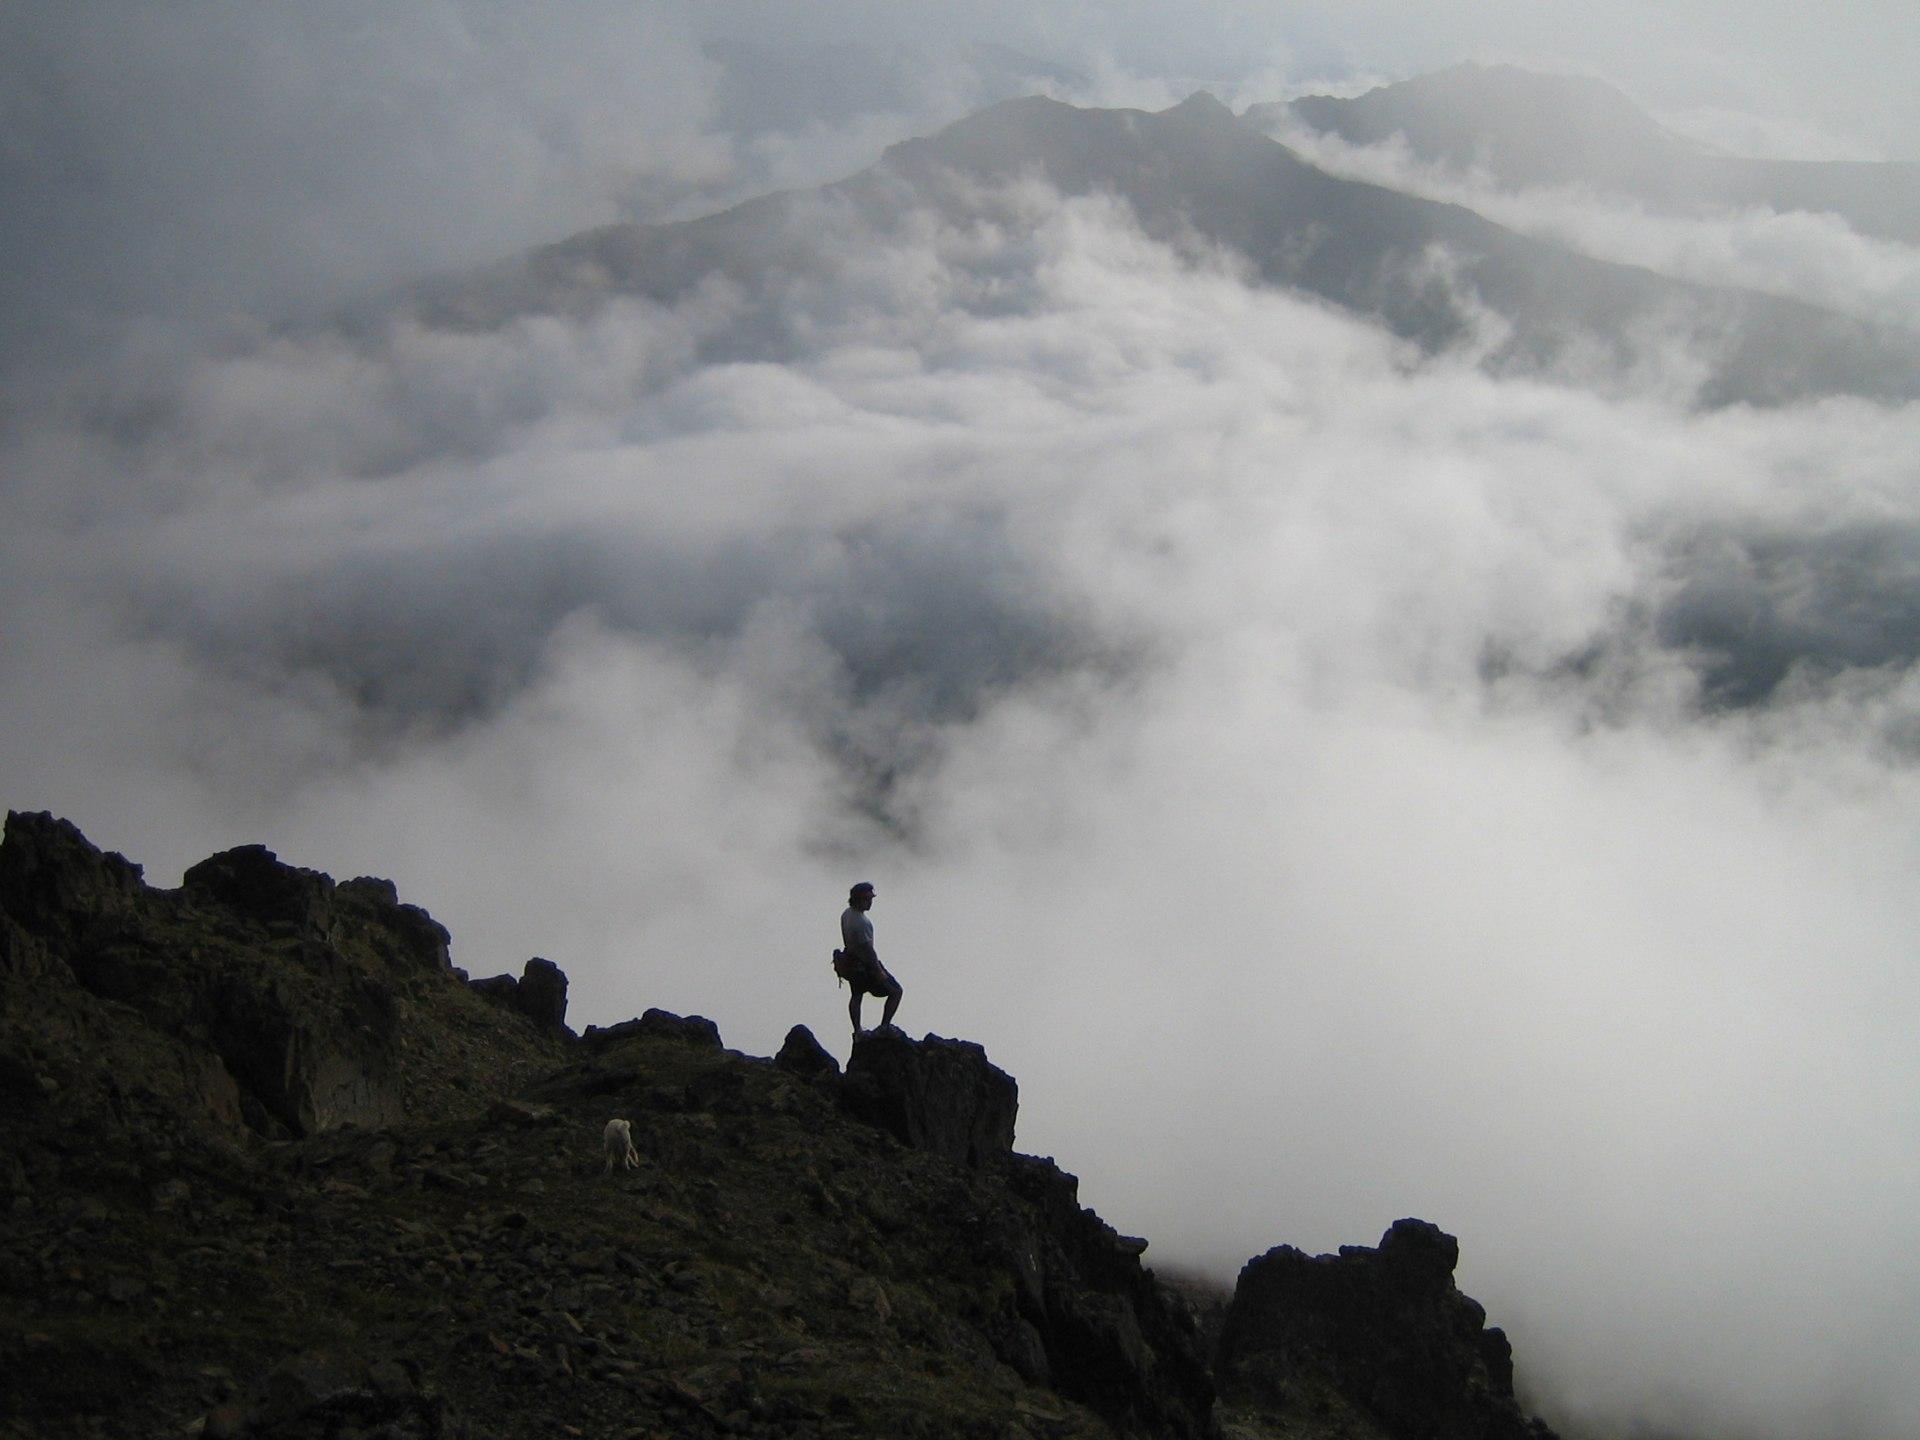 Climbing Ptarmigan Peak by Paxson Woelber